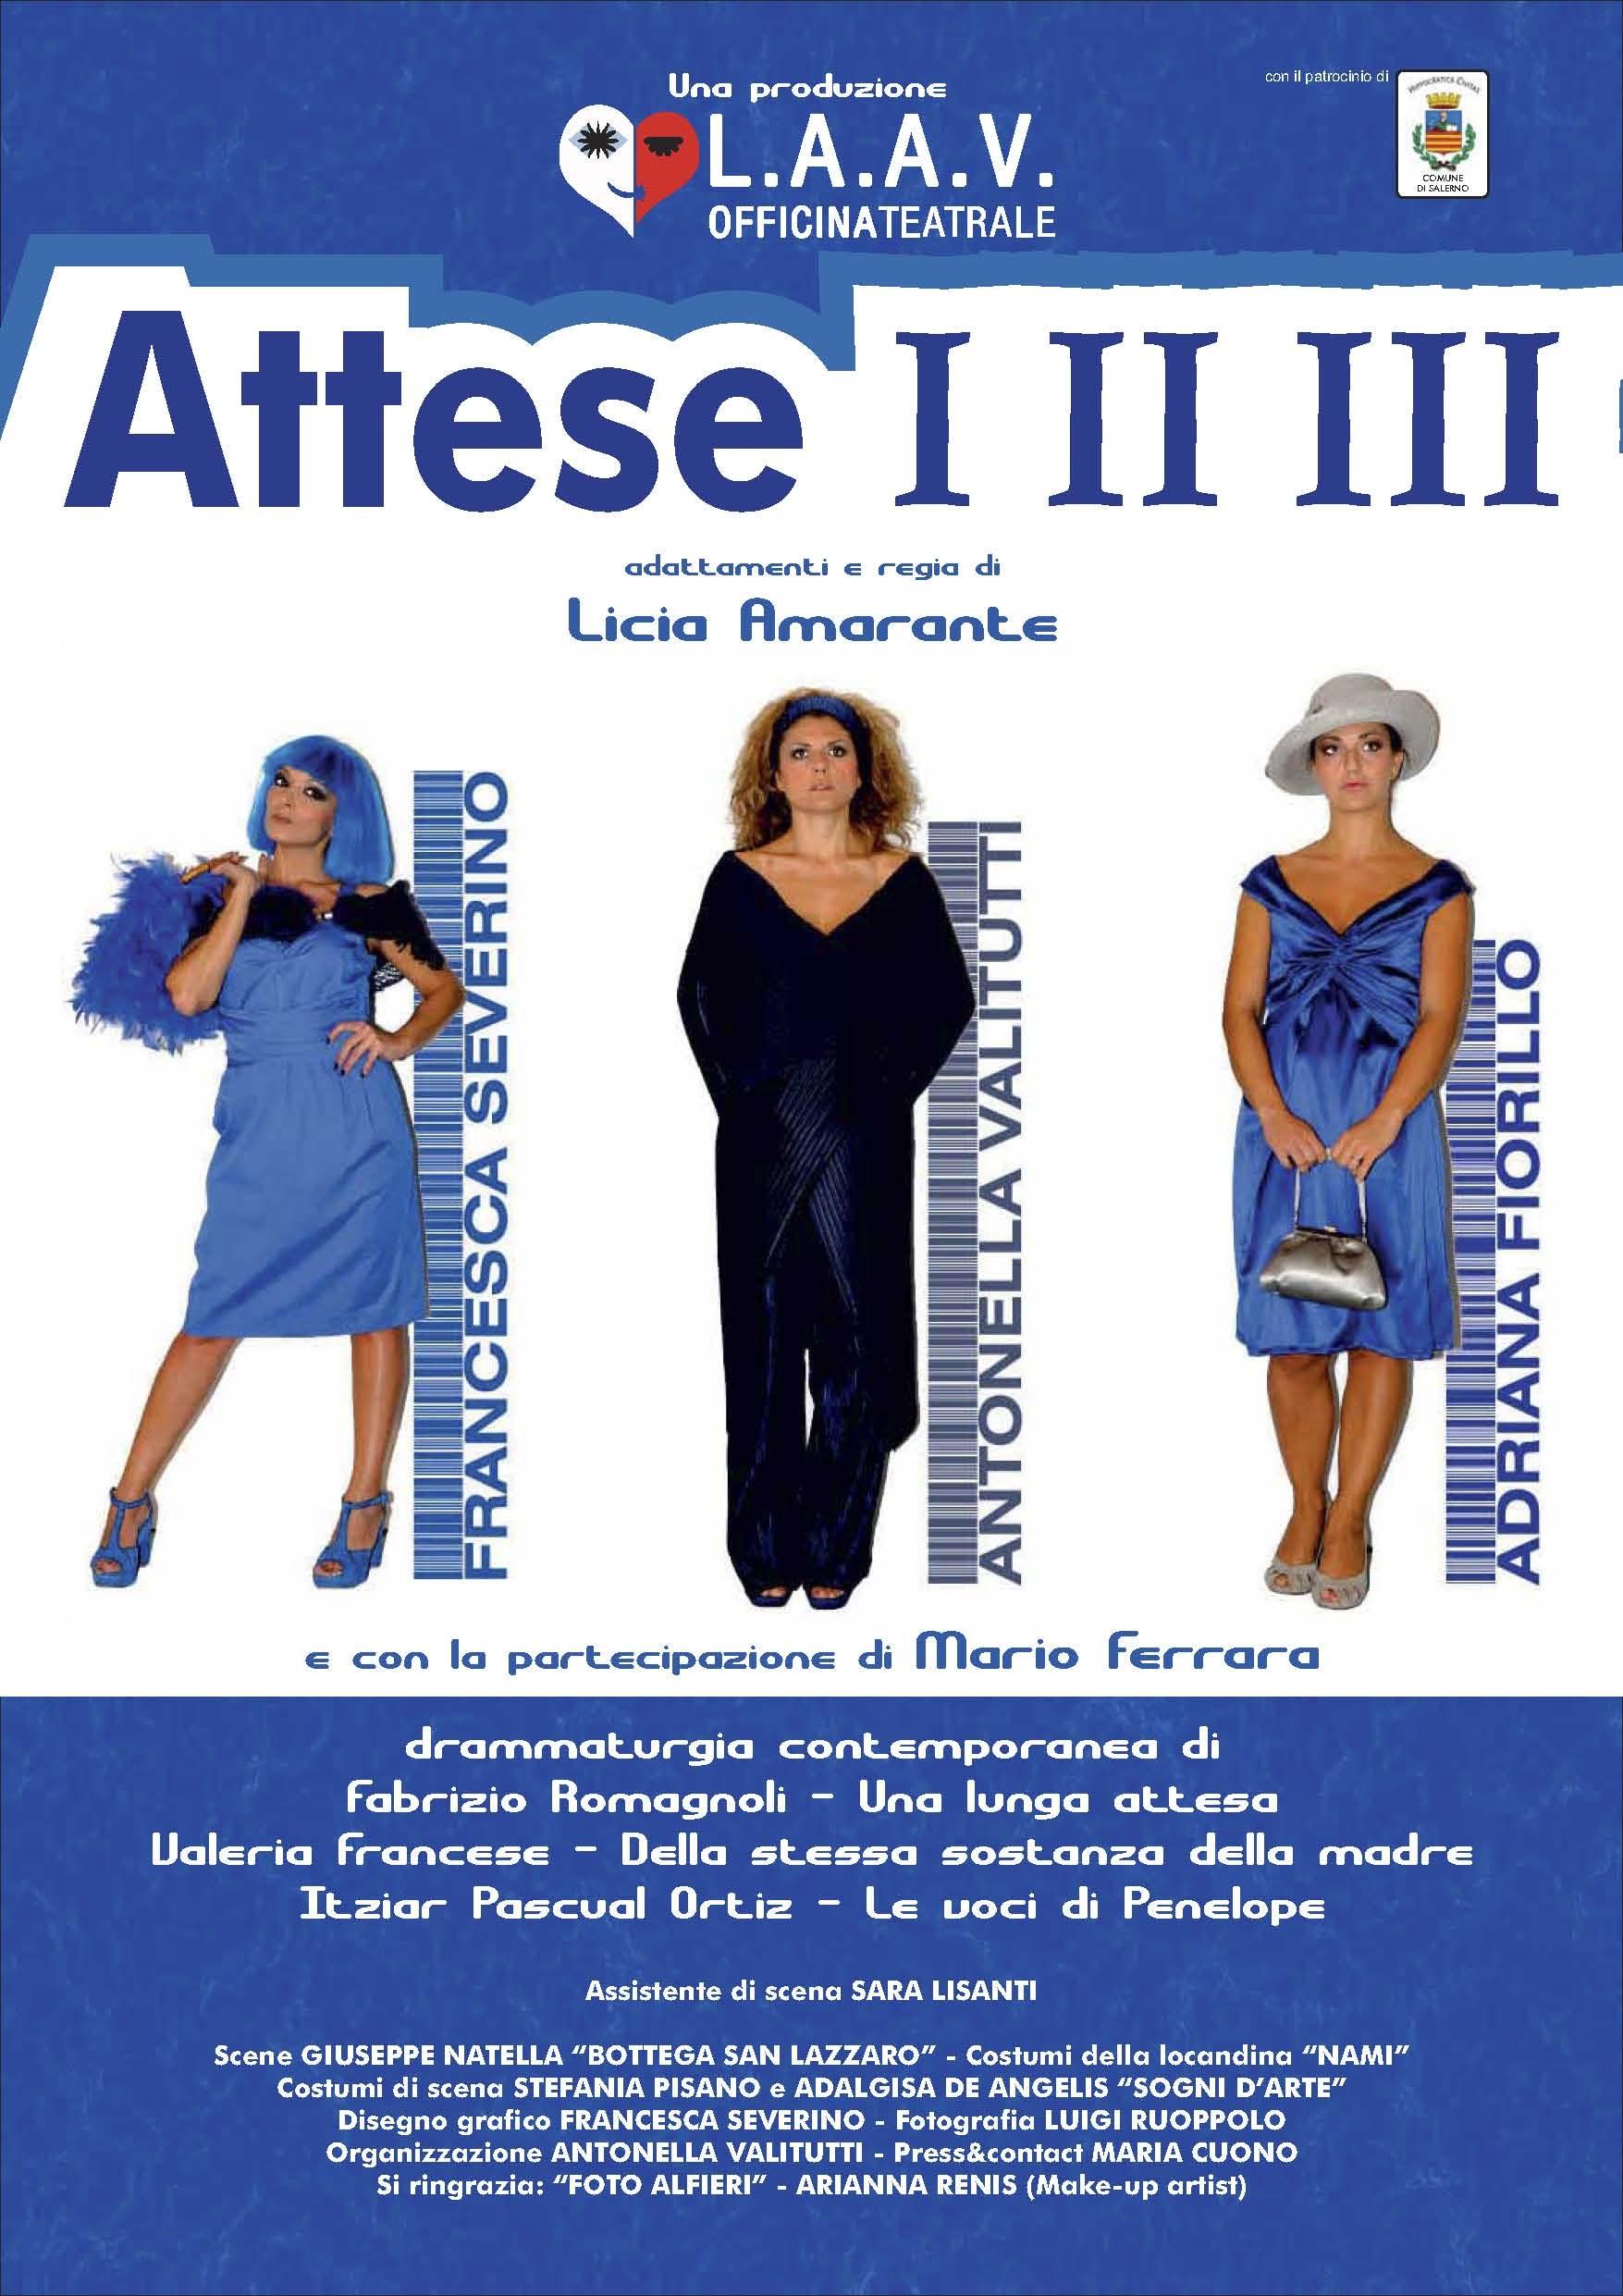 ANNULLATA LA MESSA IN SCENA DI ATTESE I II III